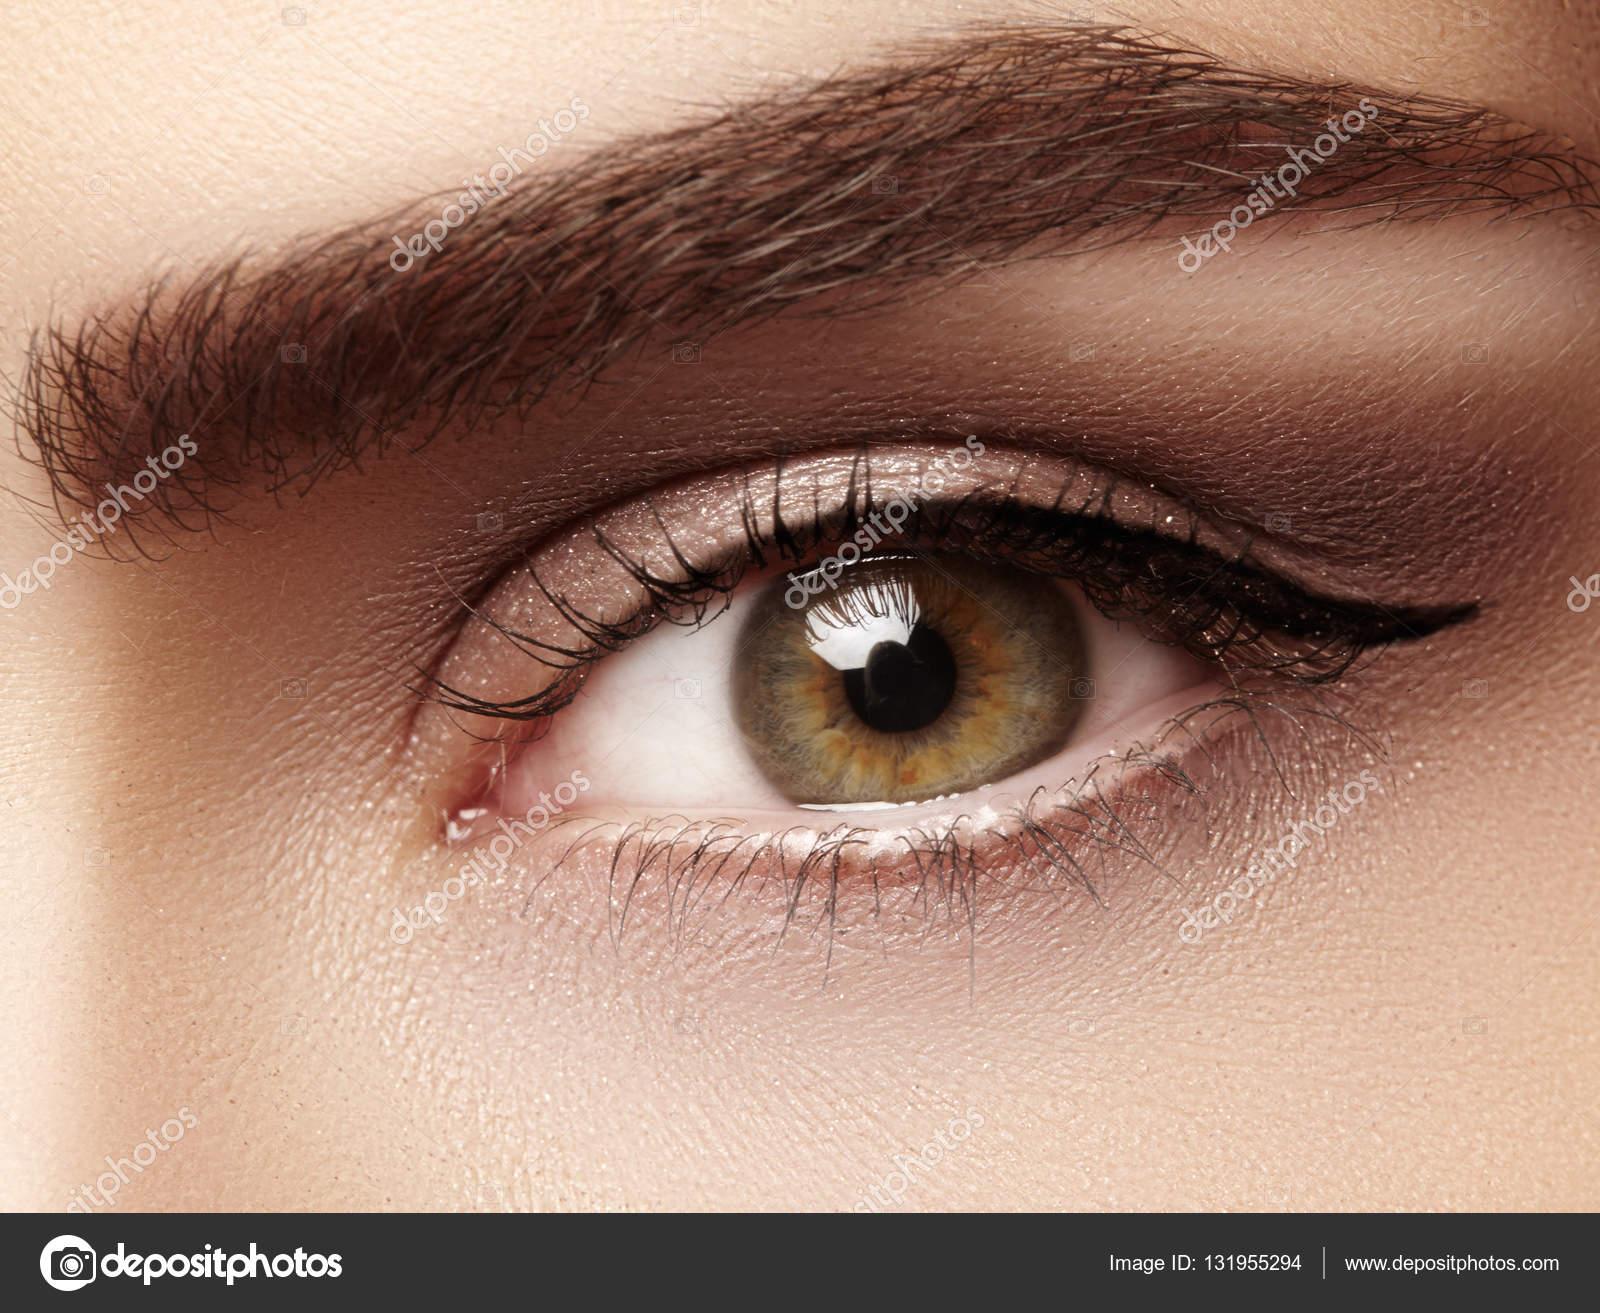 Закри макрос красива жінка очей з досконалої форми брів. Чистота шкіри a0e7834e6ca26